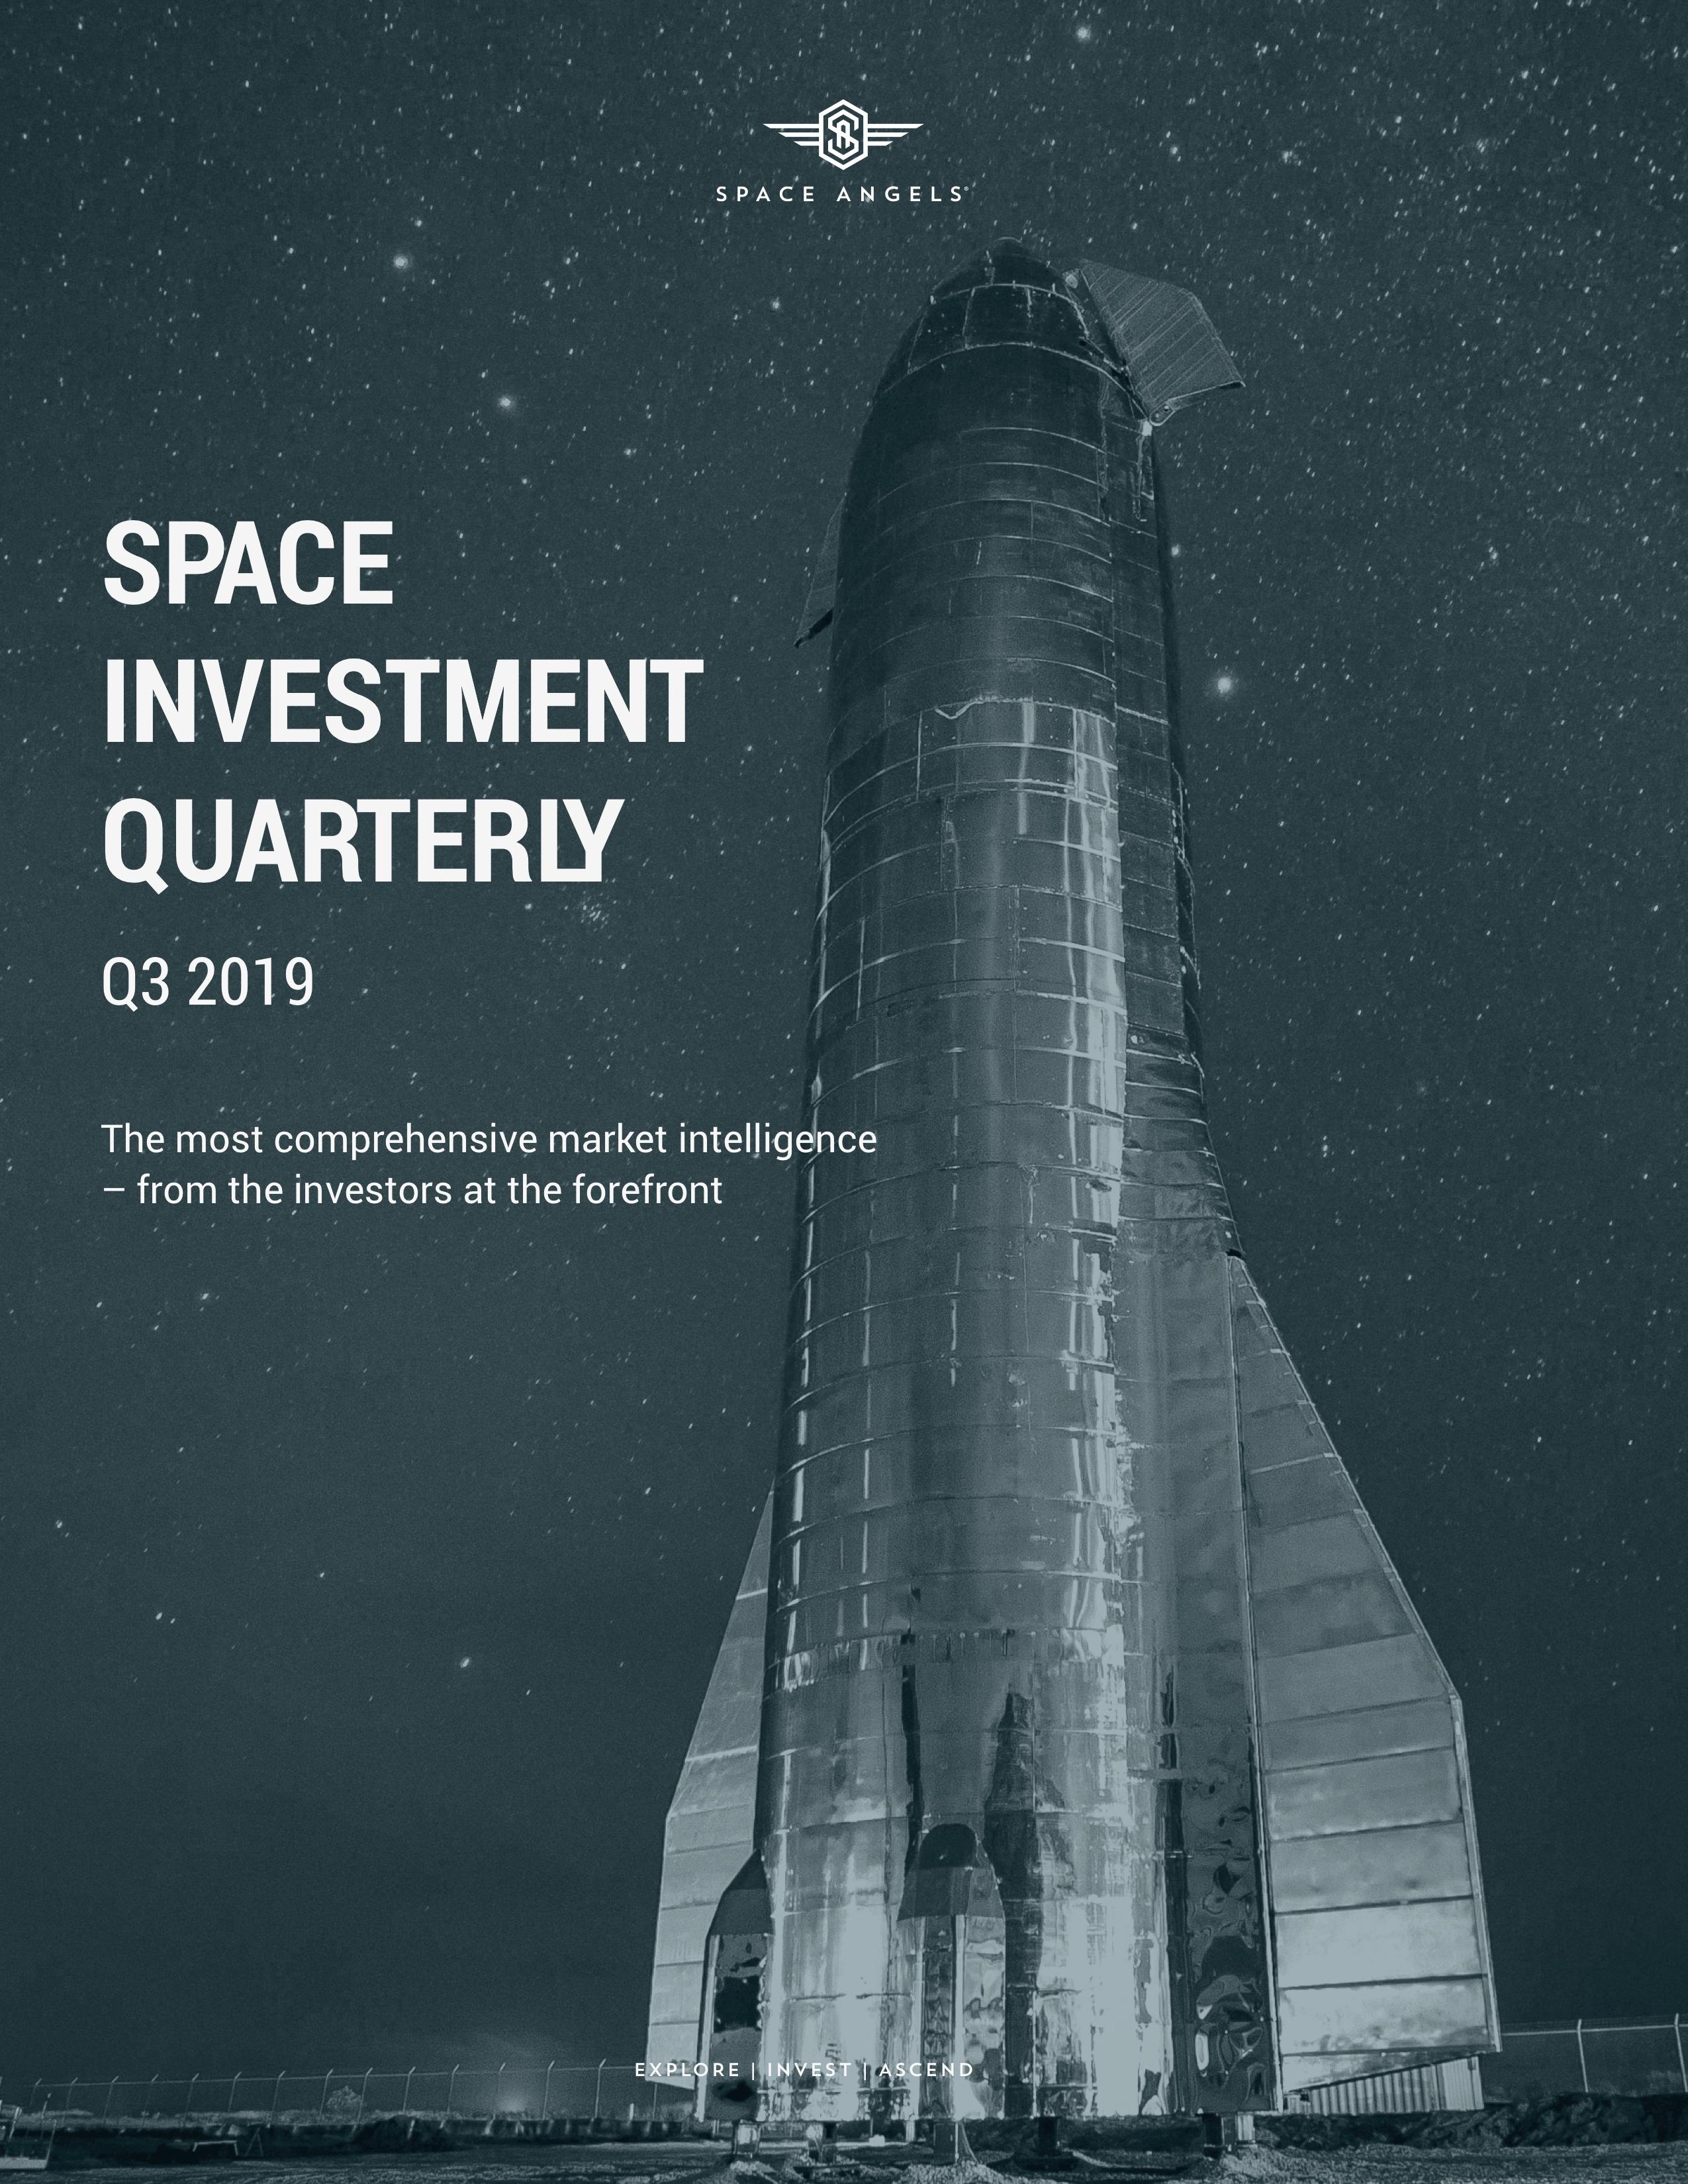 Space Investment Quarterly: Q3 2019